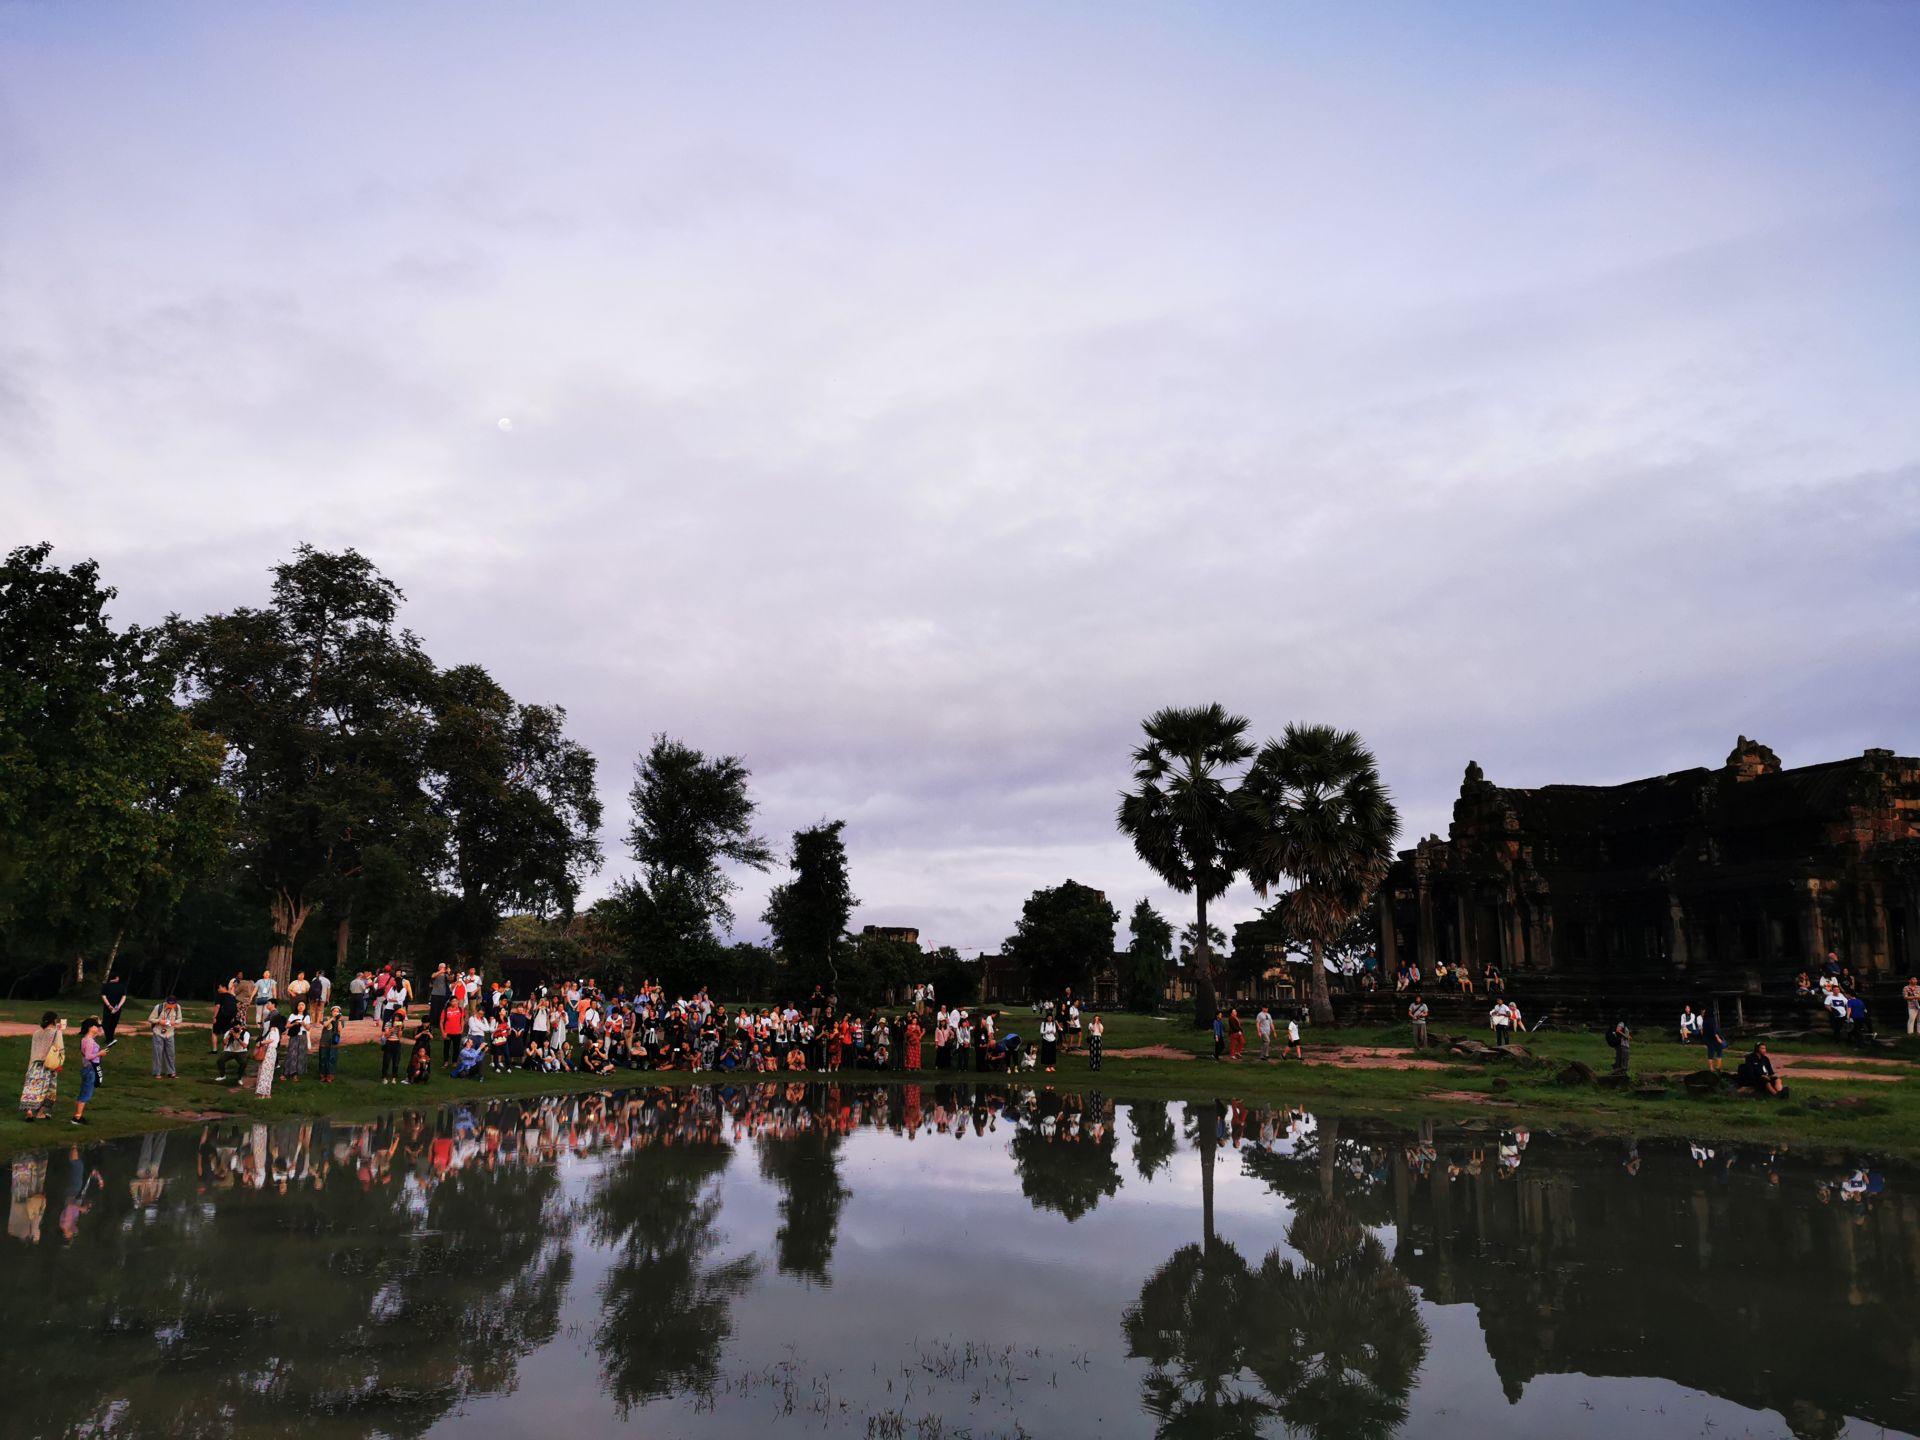 柬埔寨吴哥古迹期待更多游客